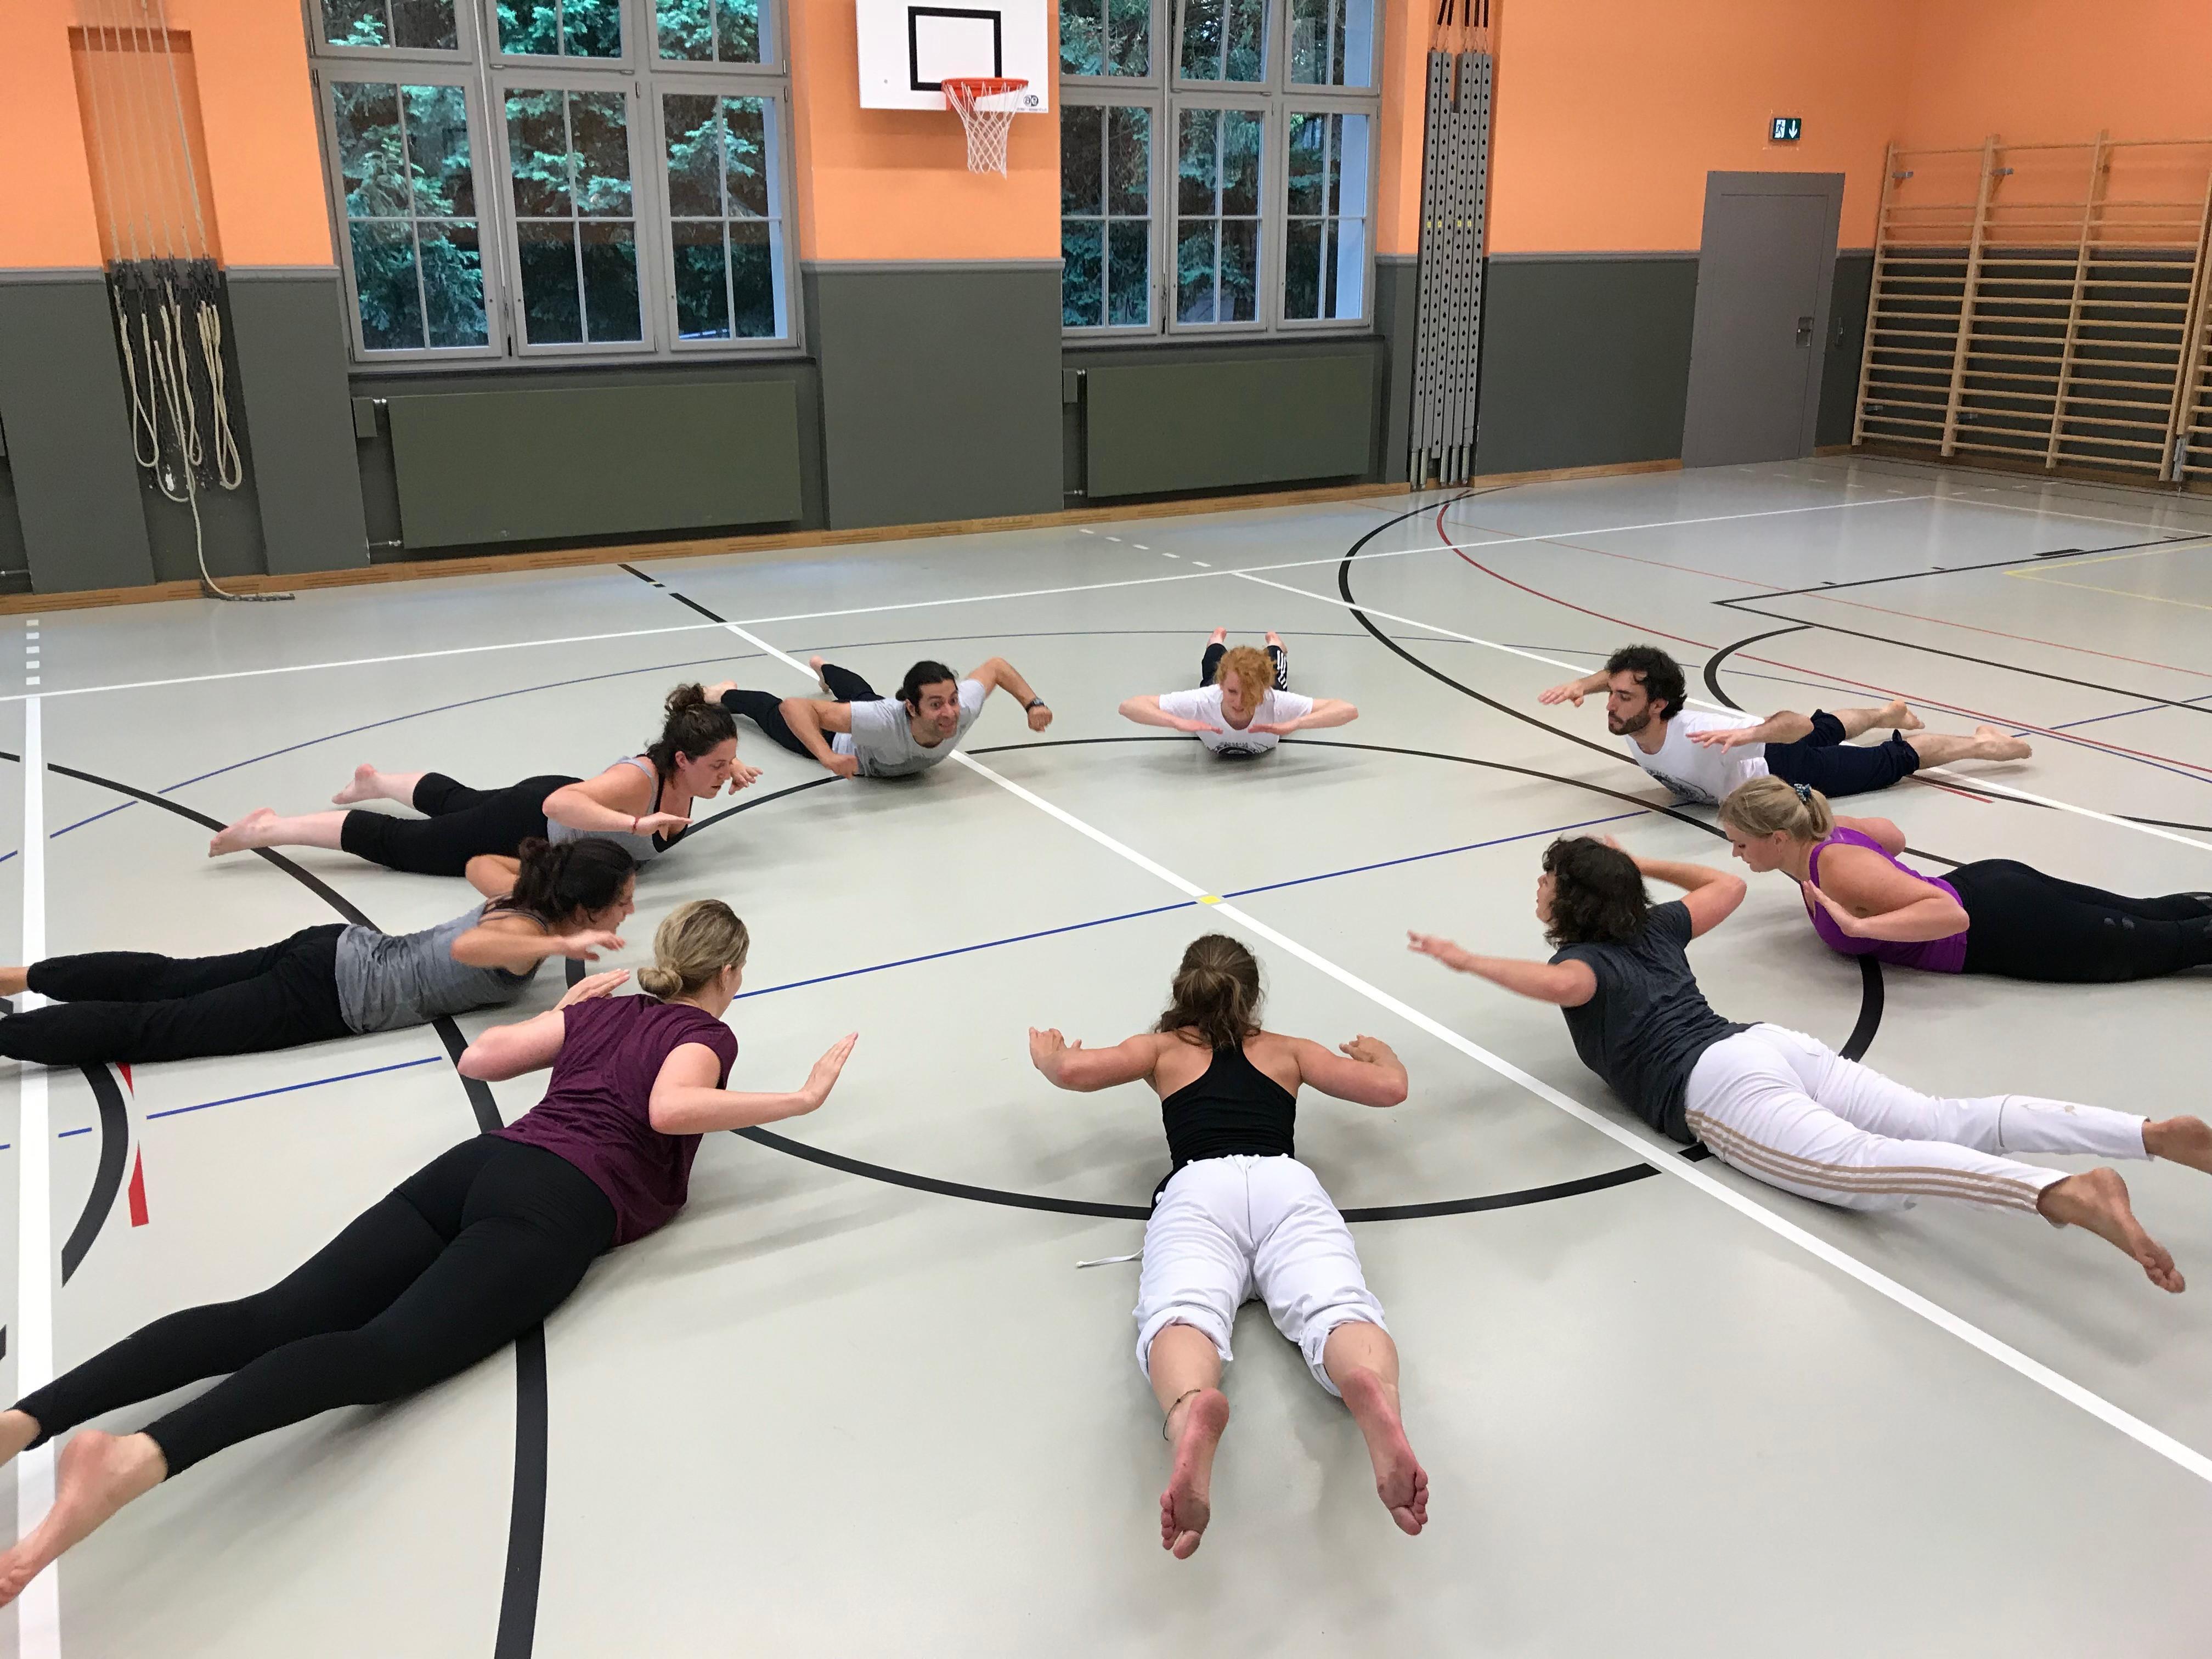 Capoeira fitness